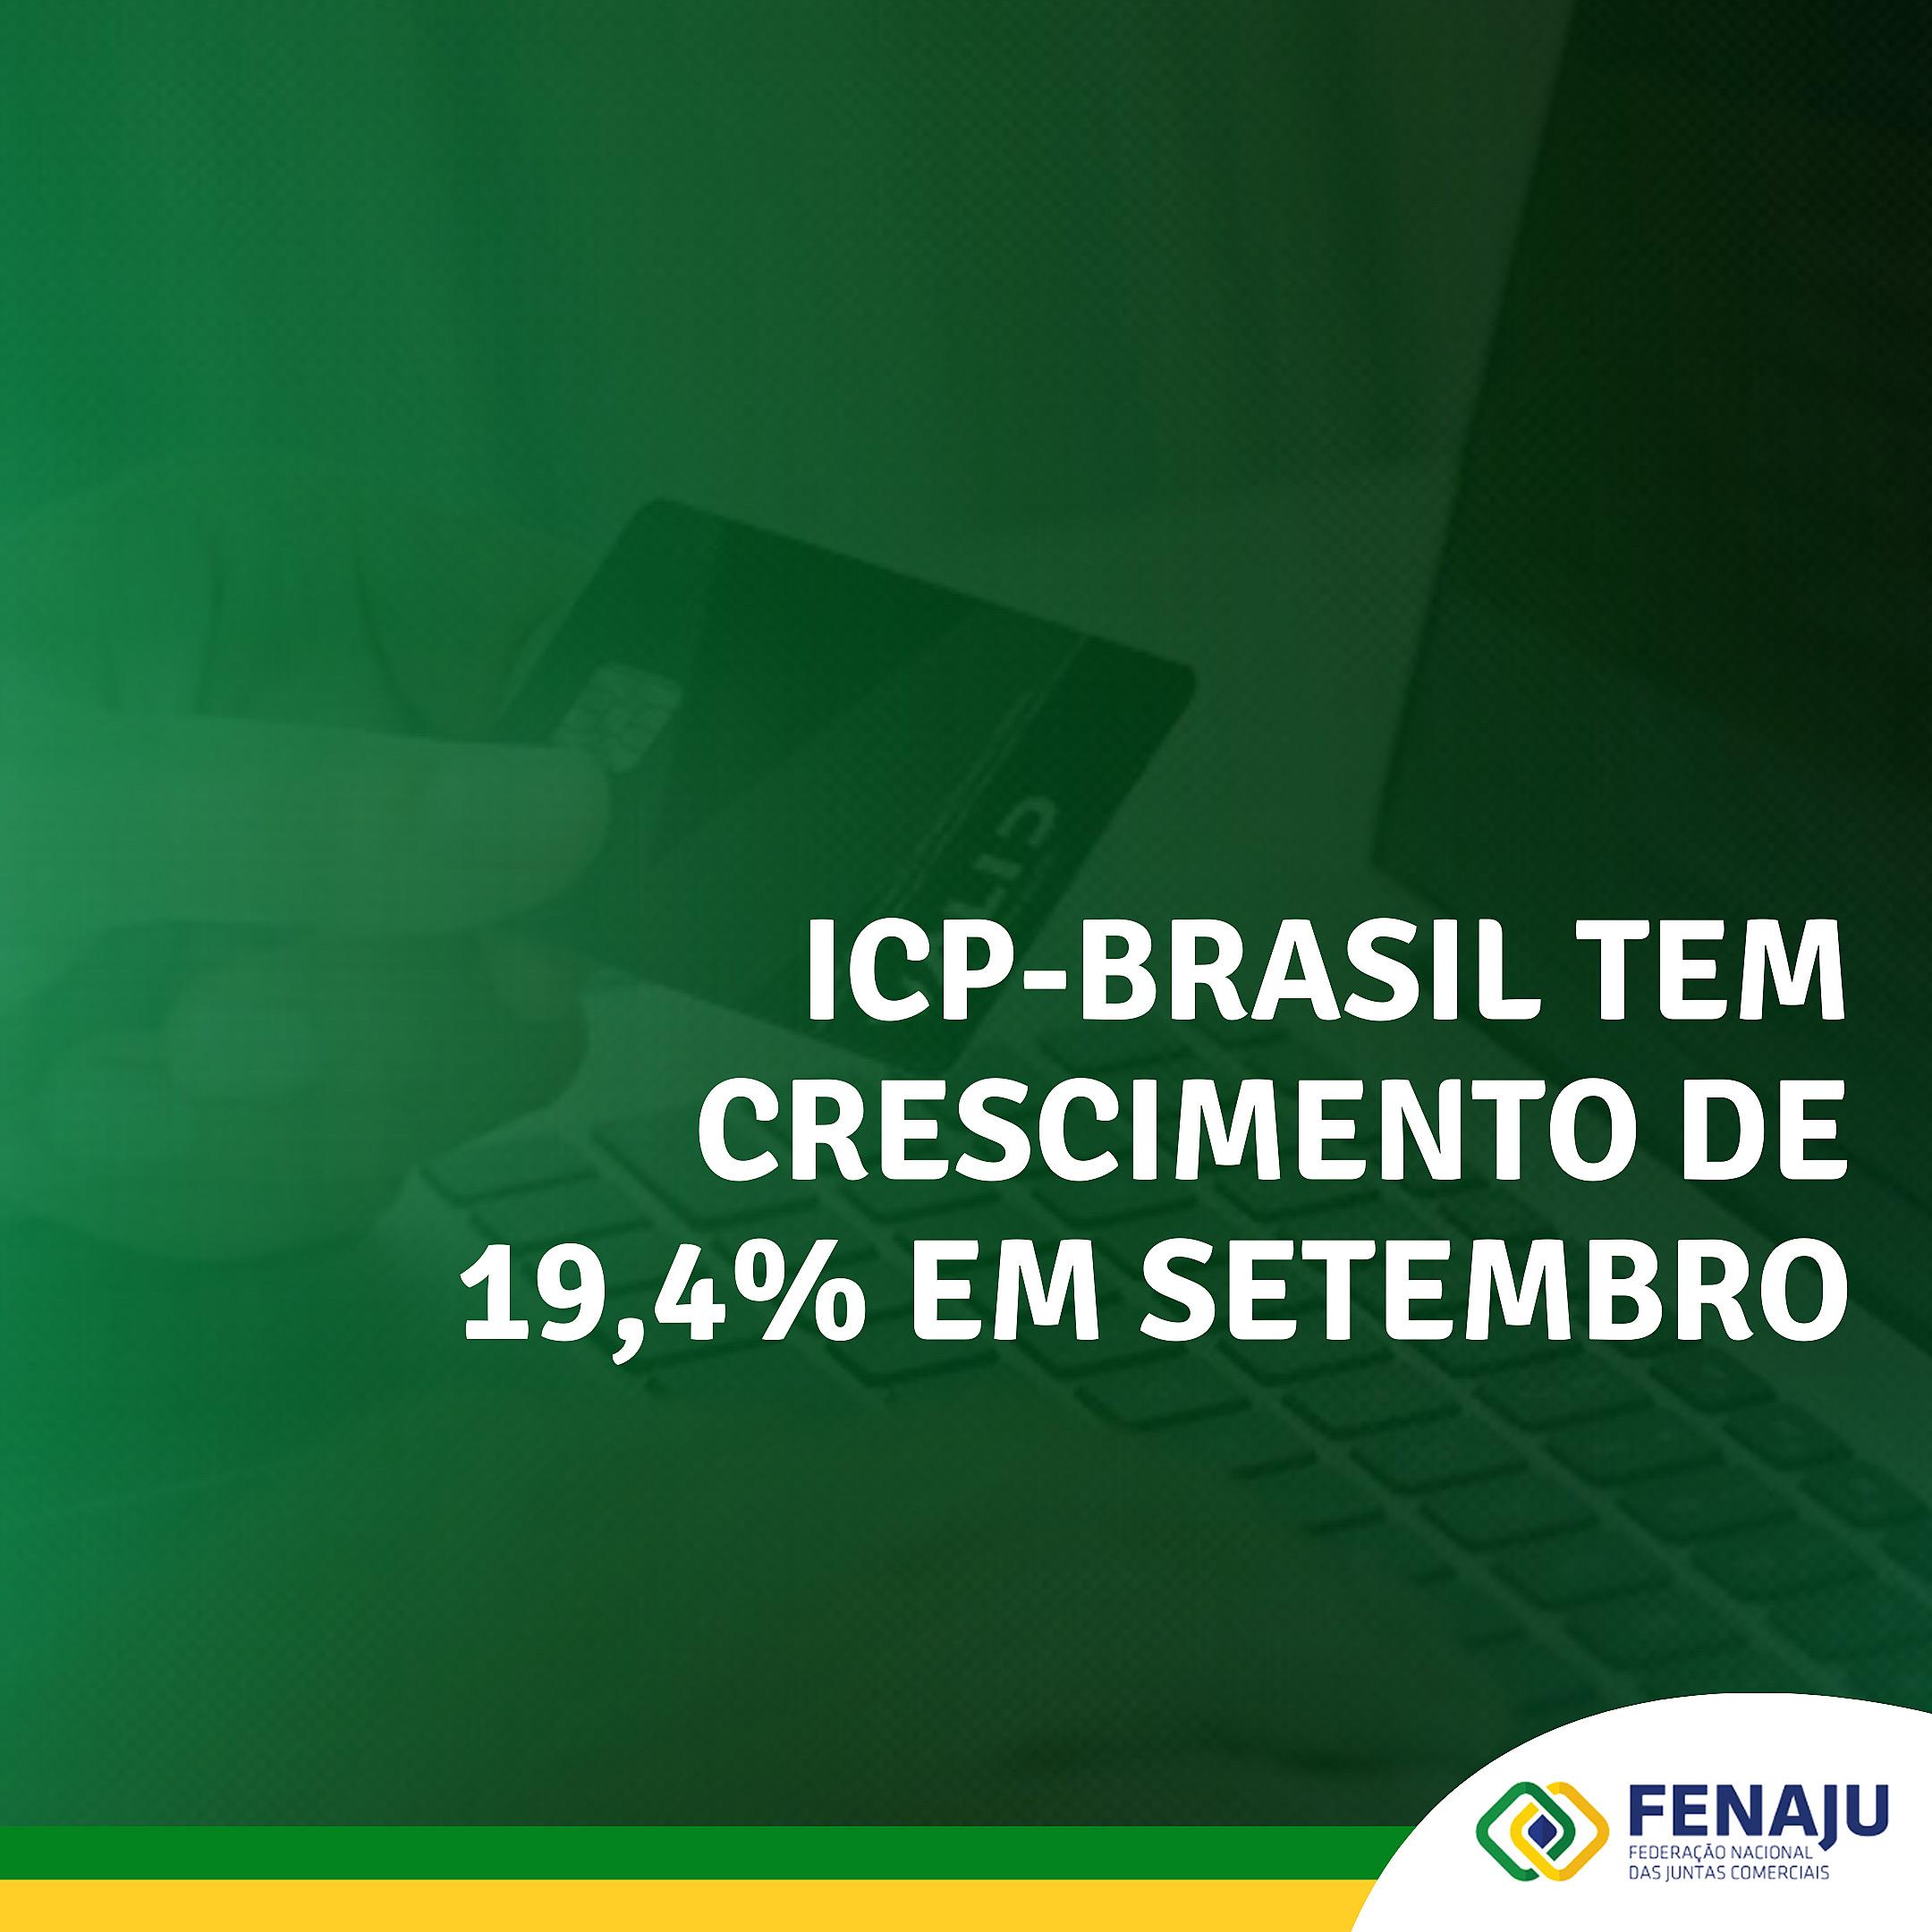 ICP-Brasil tem crescimento de 19,4% em setembro